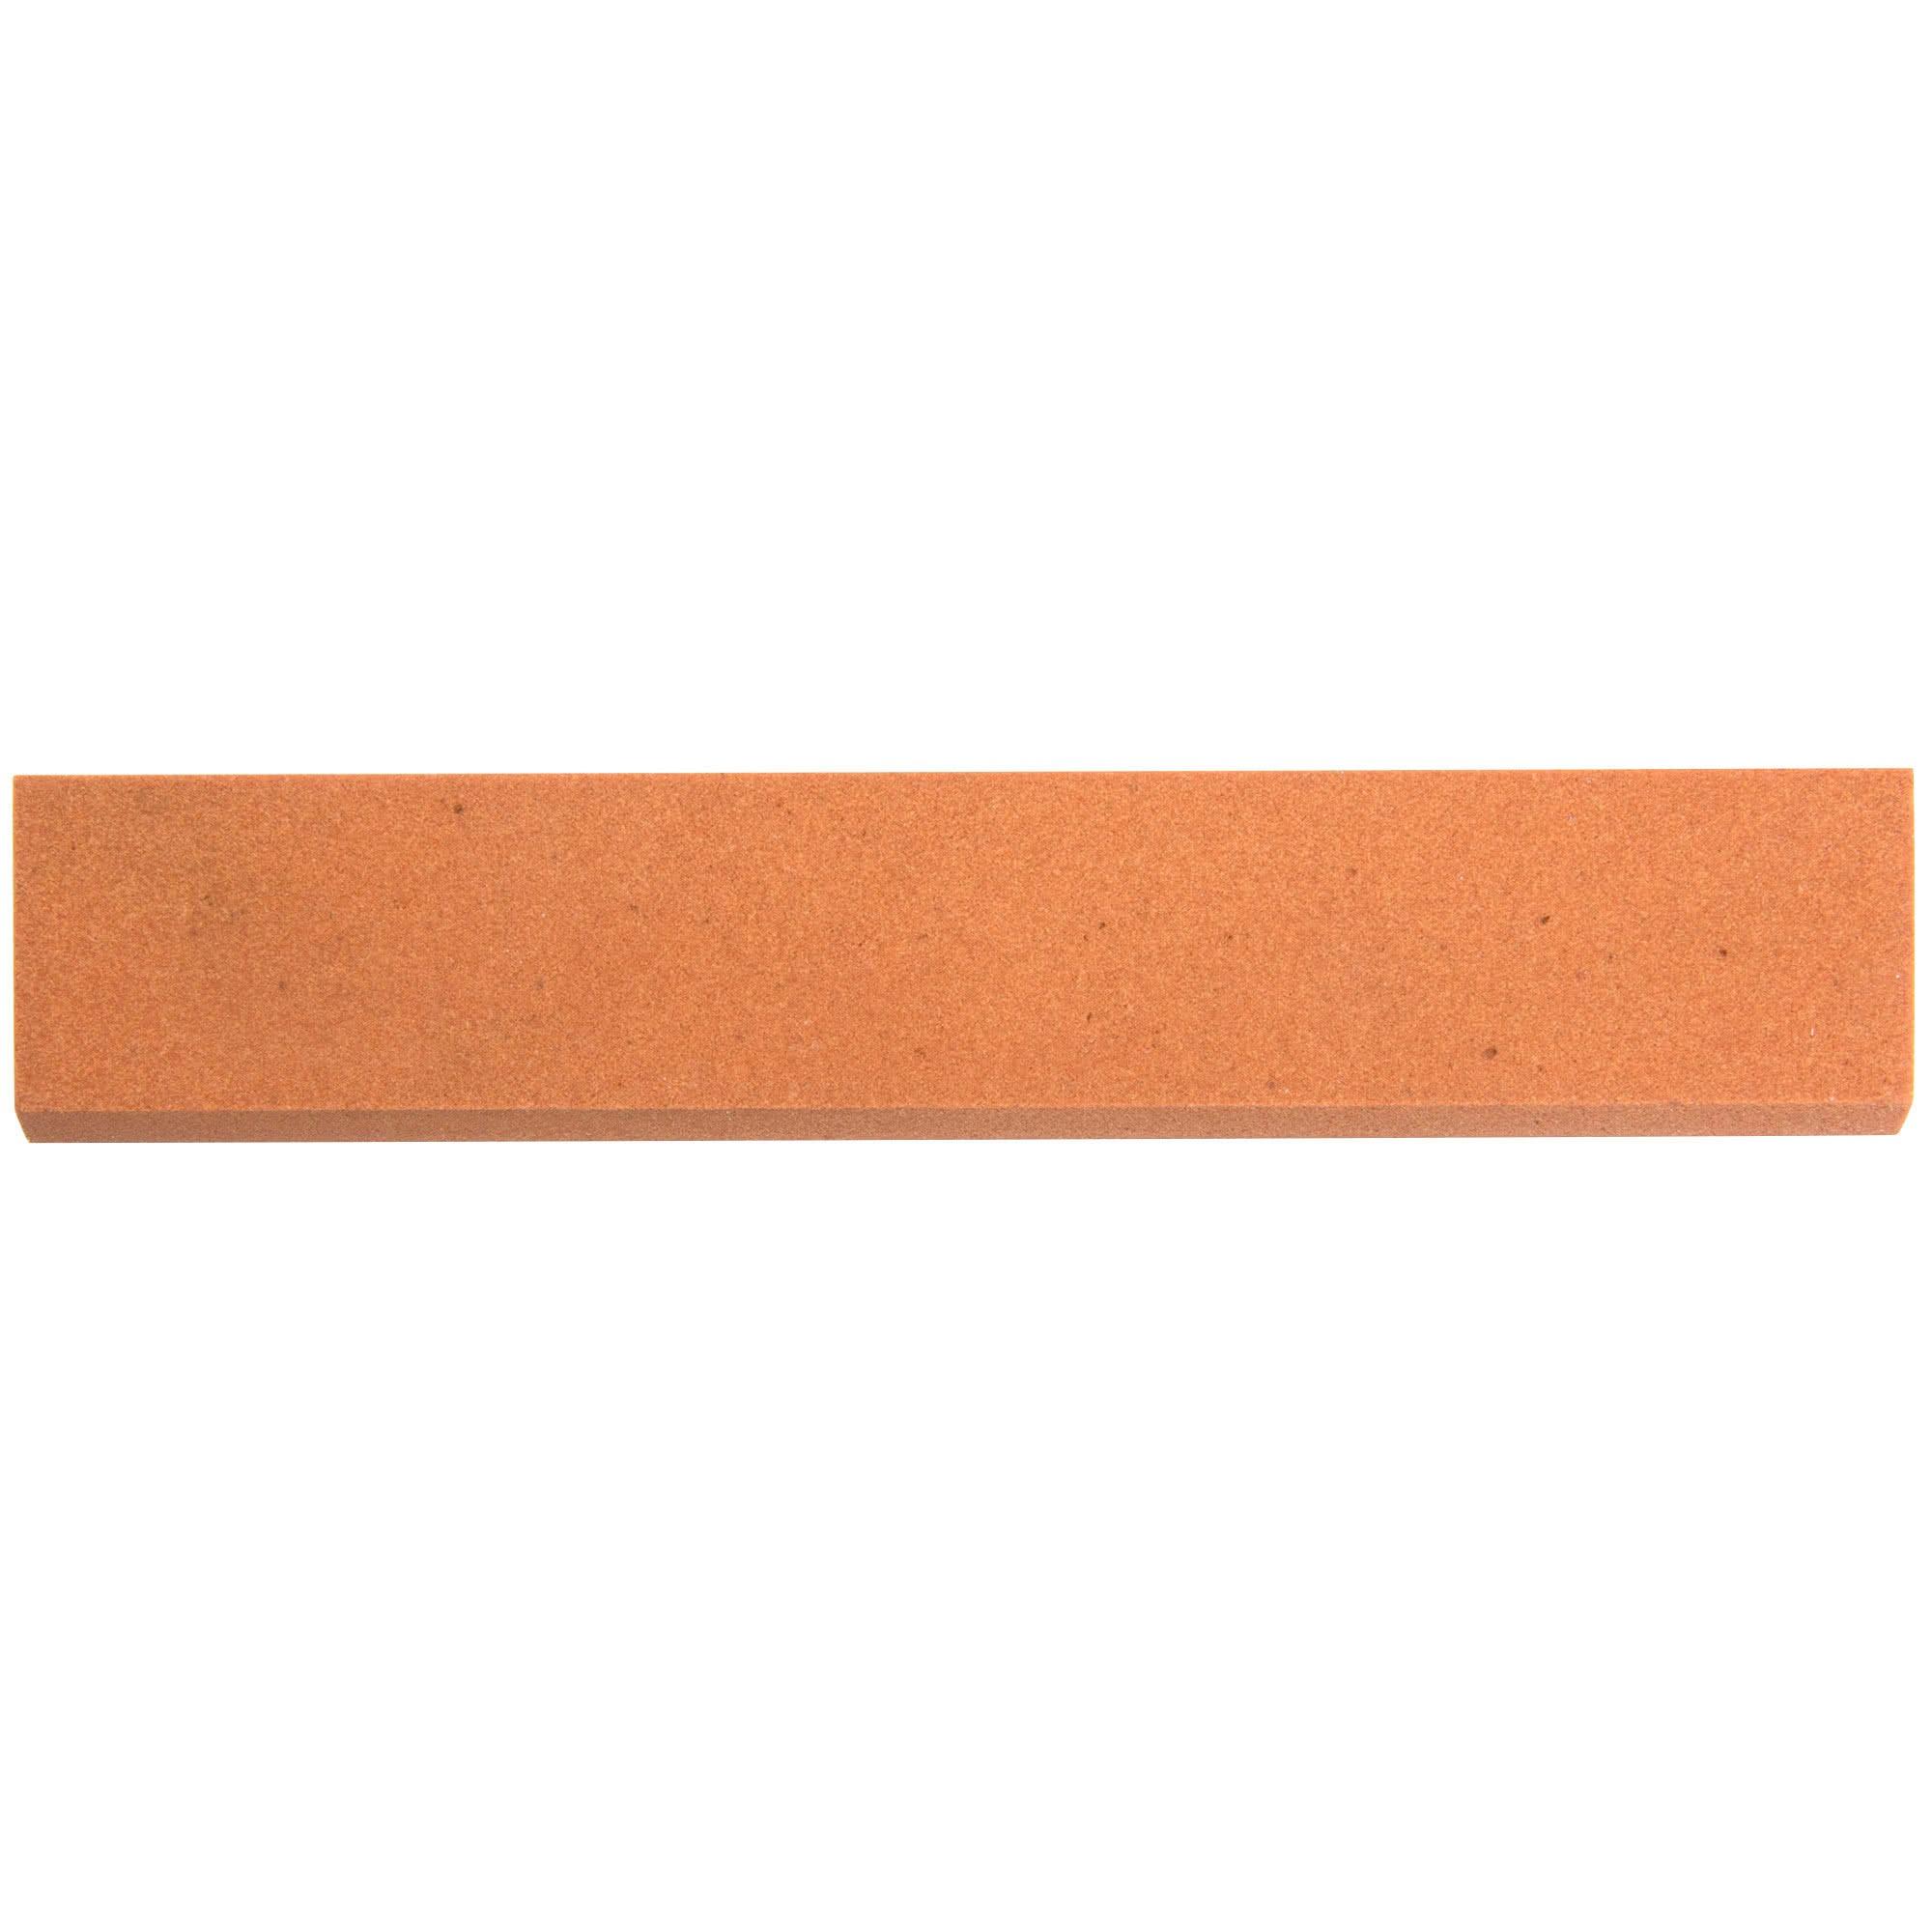 Nemco 55257 Sharpening Stone for Easy Slicer